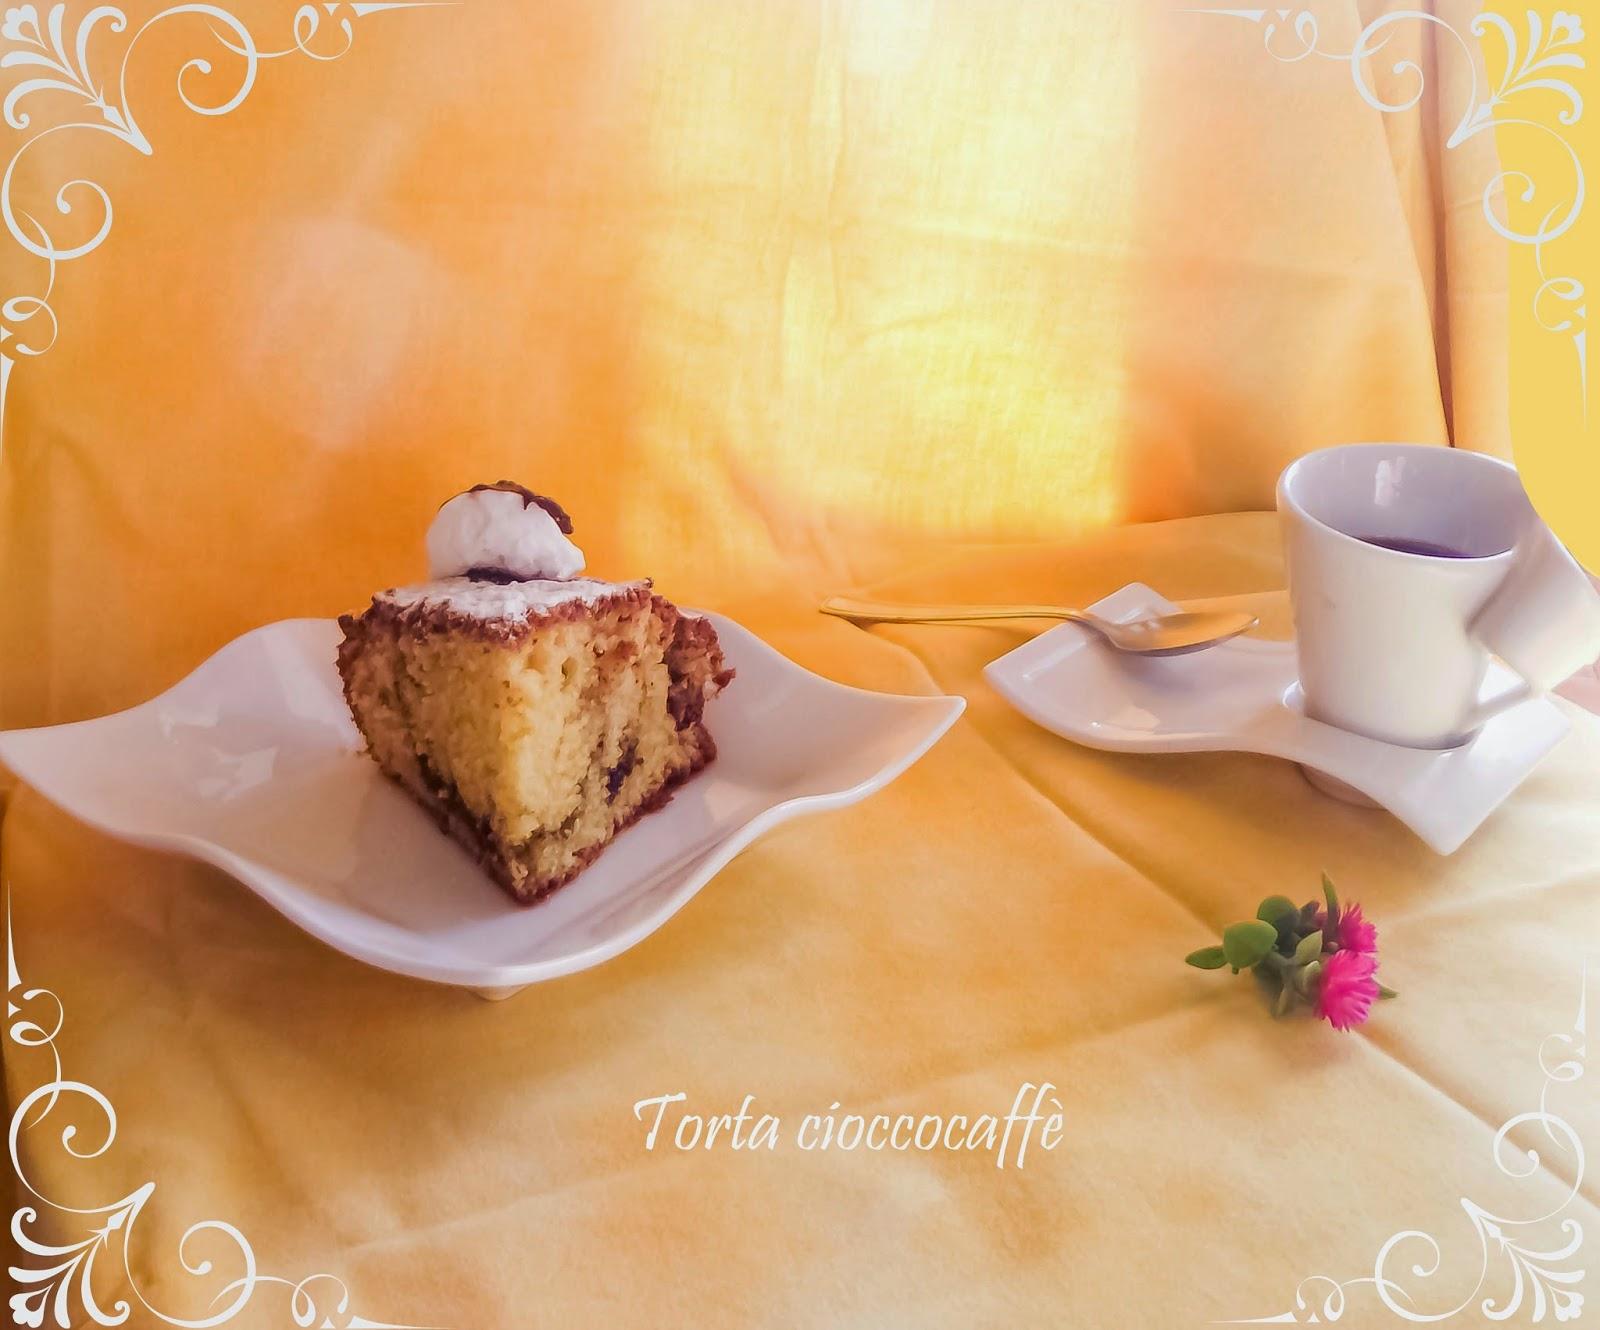 torta al cioccocaffè...per un risveglio con i fiocchi!